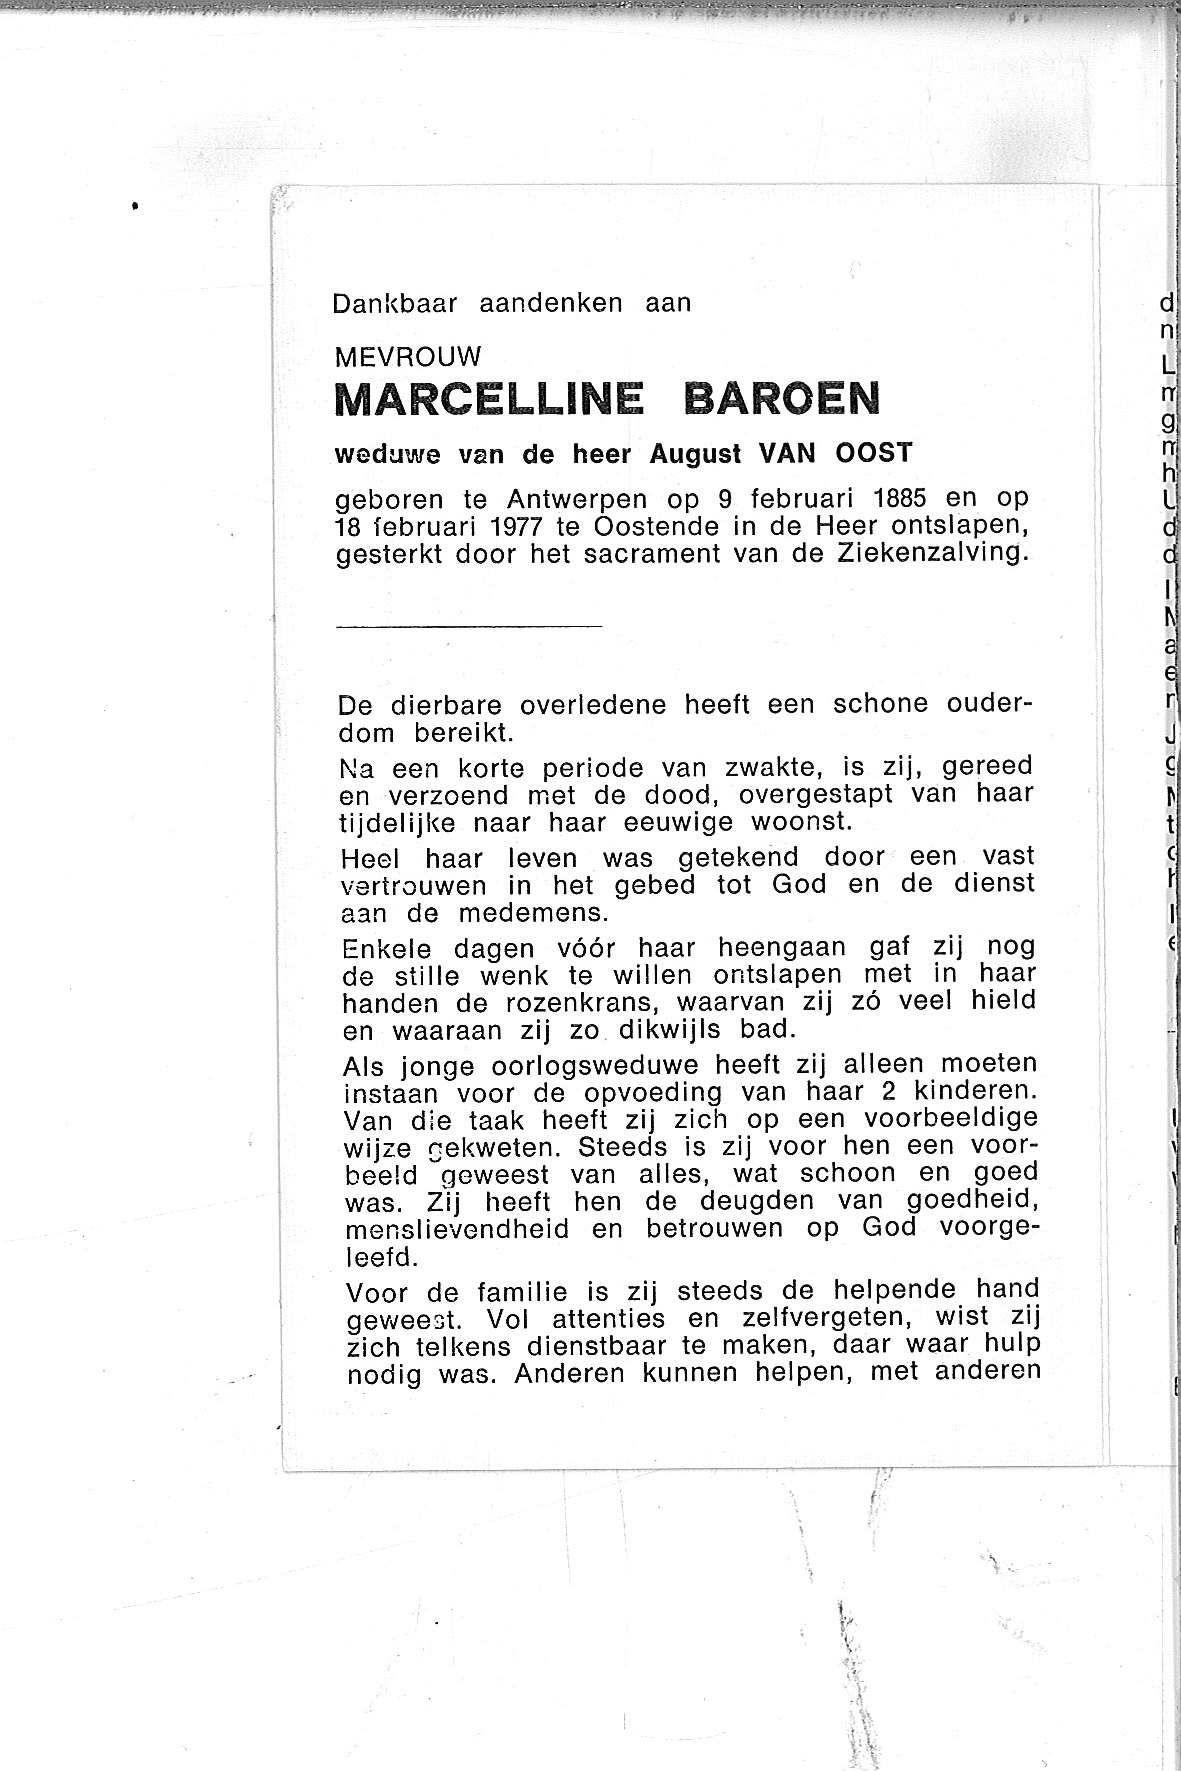 Marcelline(1977)20130827082904_00106.jpg